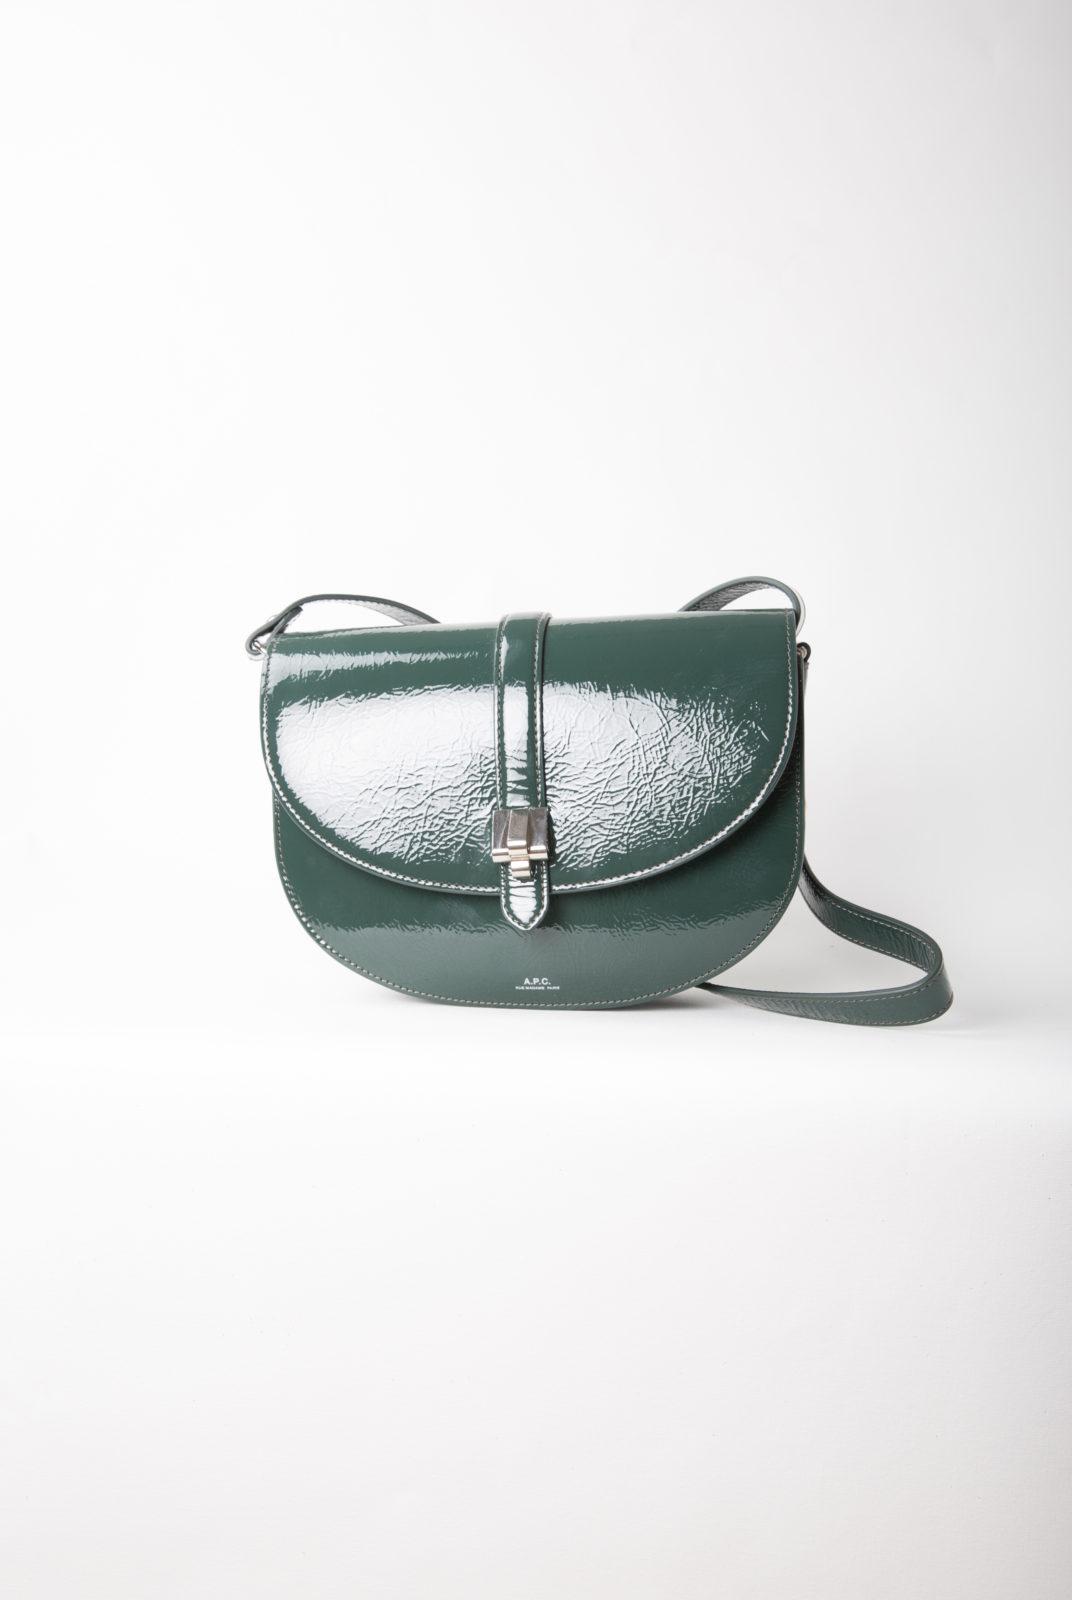 sac, lune, vert sapin, vernis, froissé, rabat, aimant, bandoulière, APC